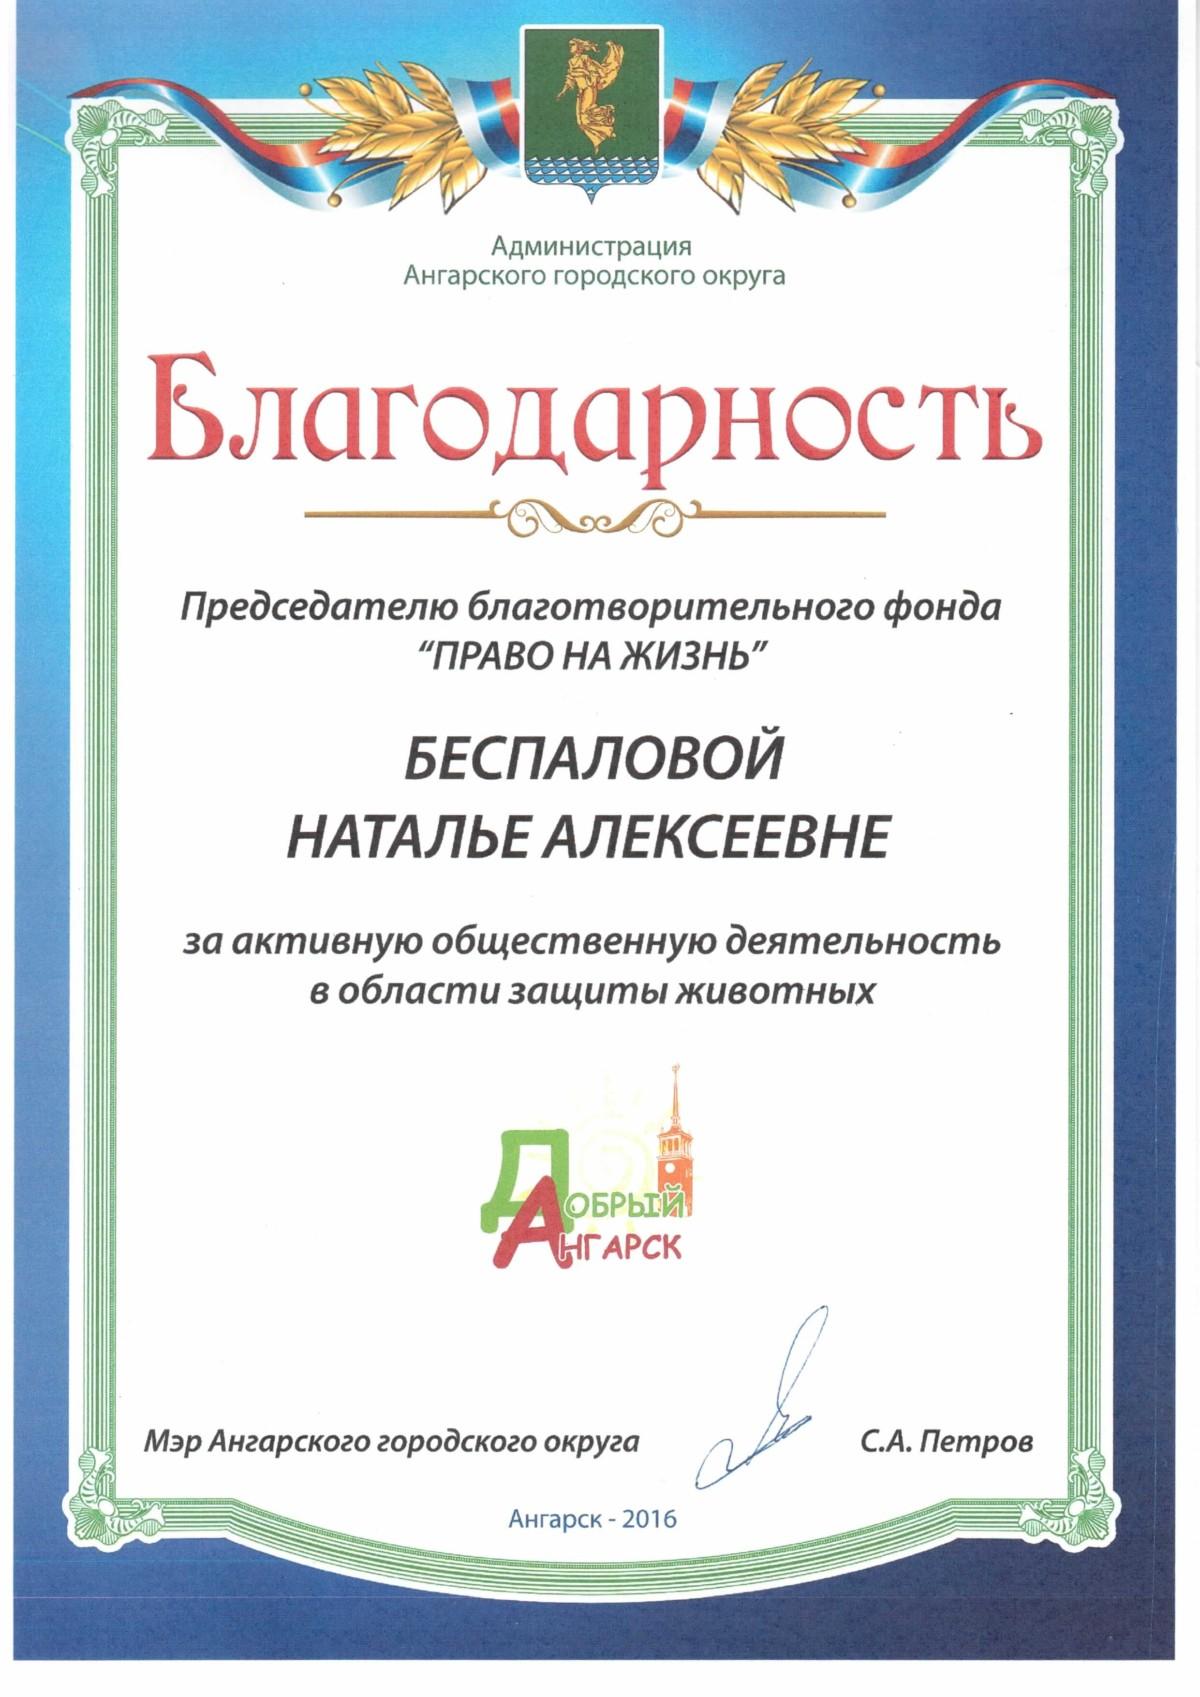 Благодарность мэр АГО Петров 2016 год